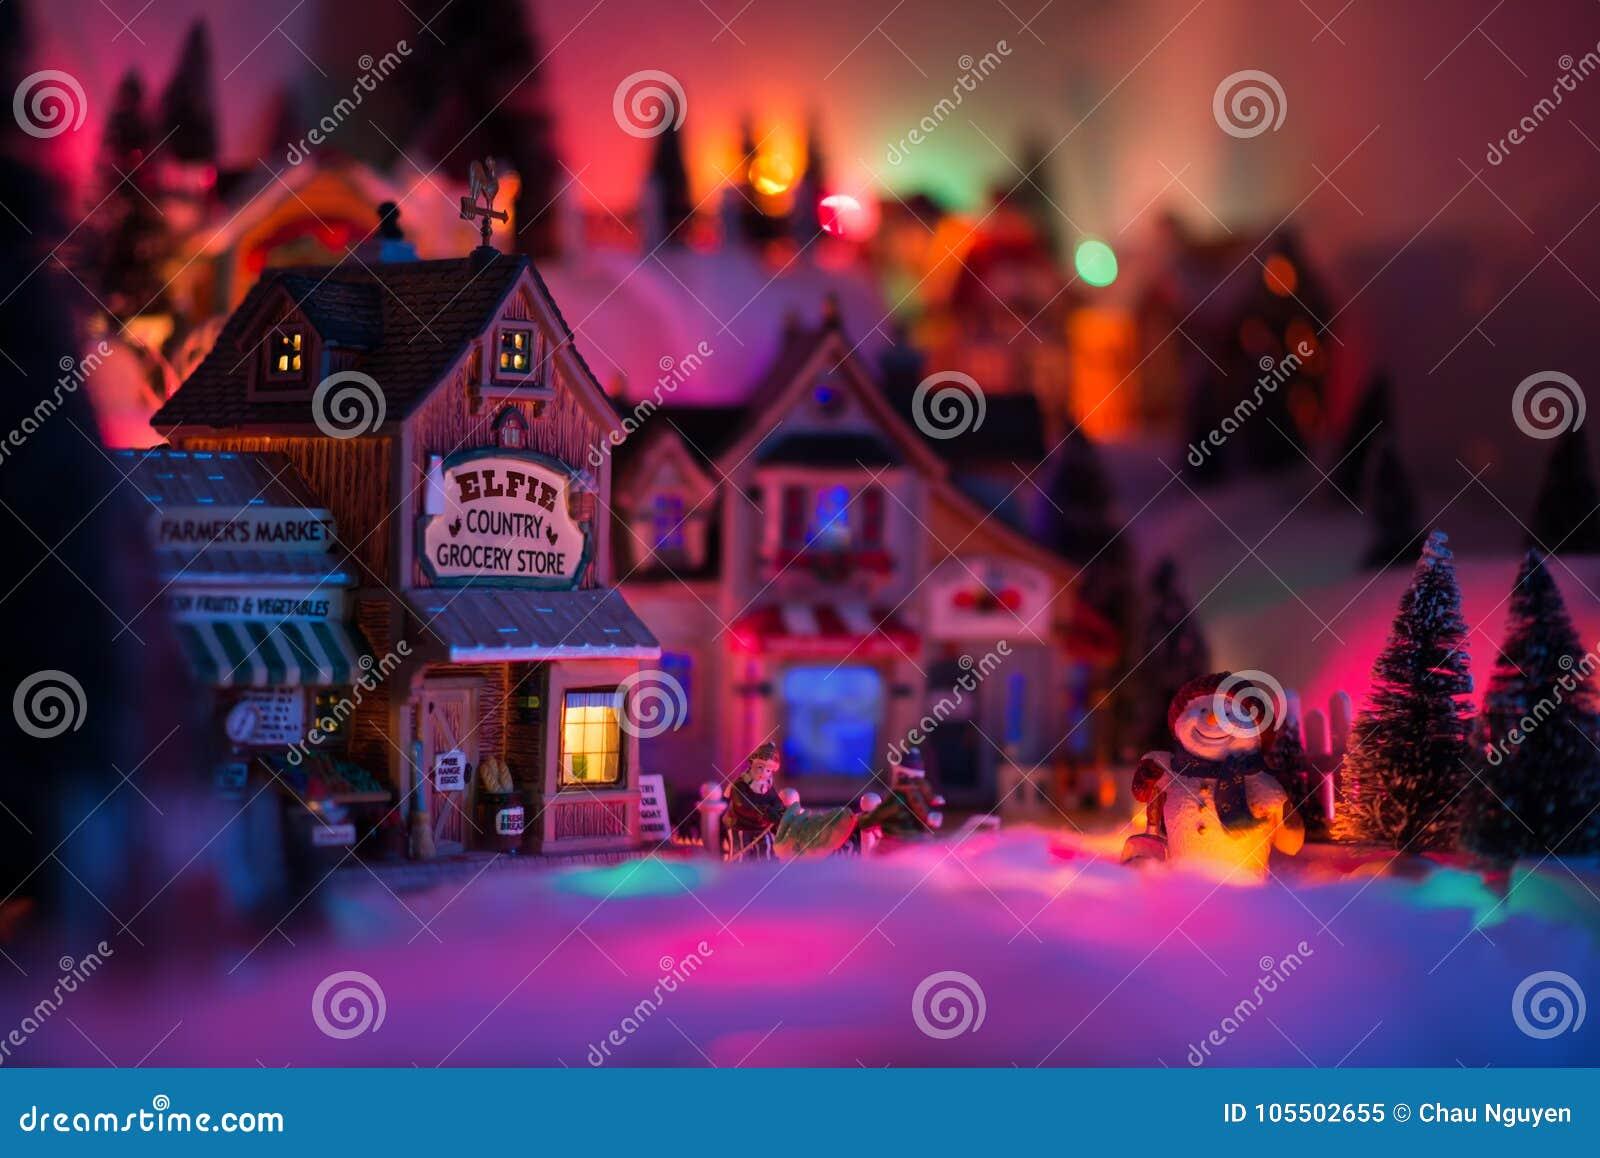 Conceito dos feriados do cenário diminuto em tempos do Natal